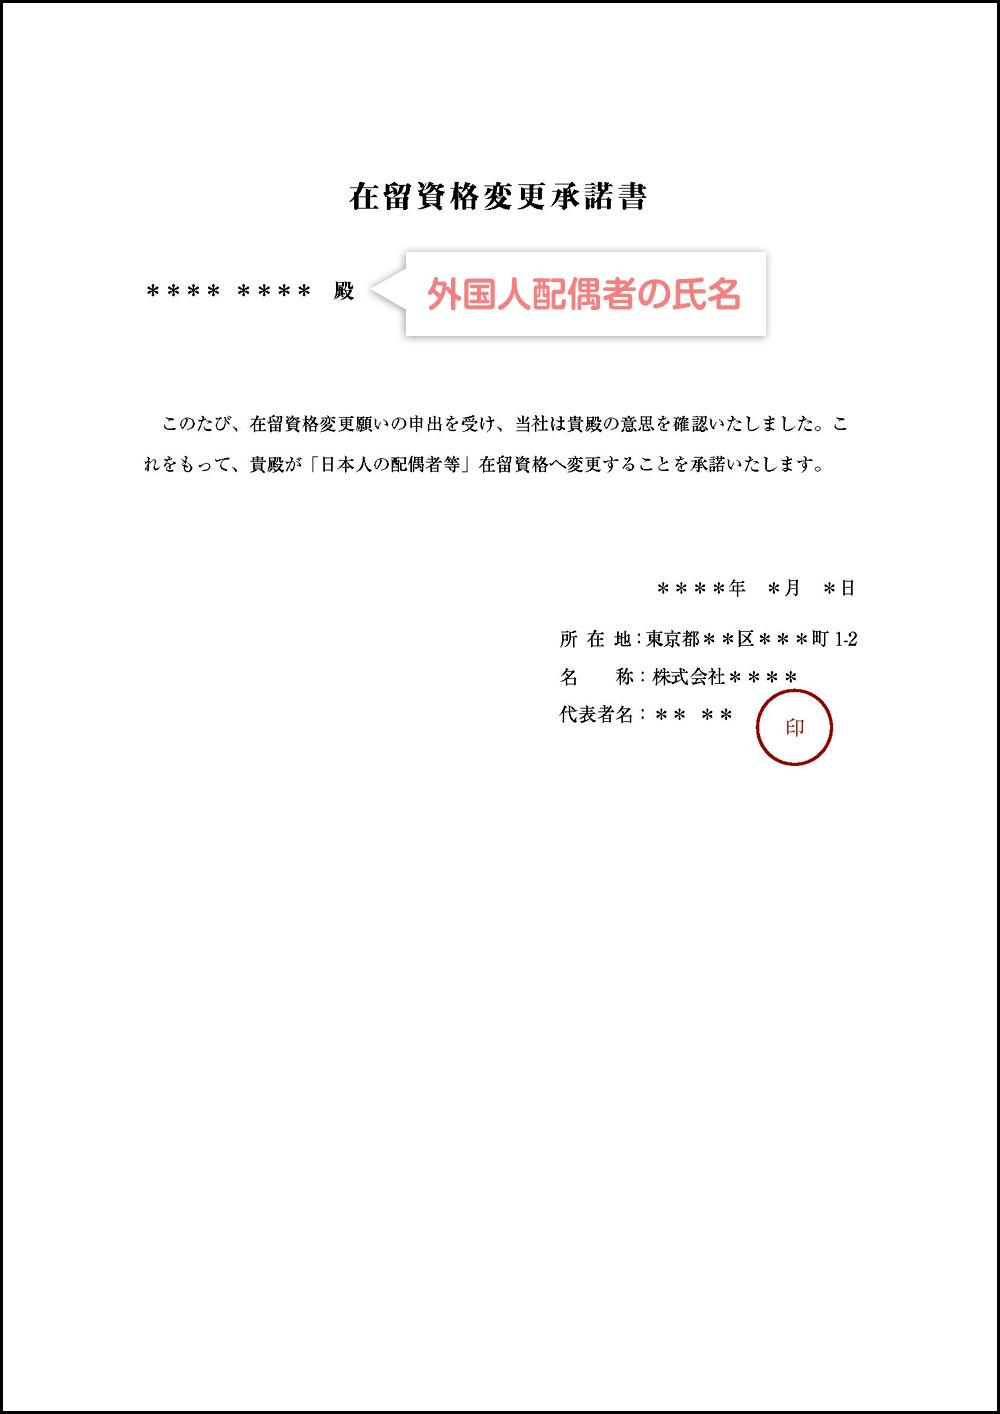 在留資格変更承諾書(勤務先発行)